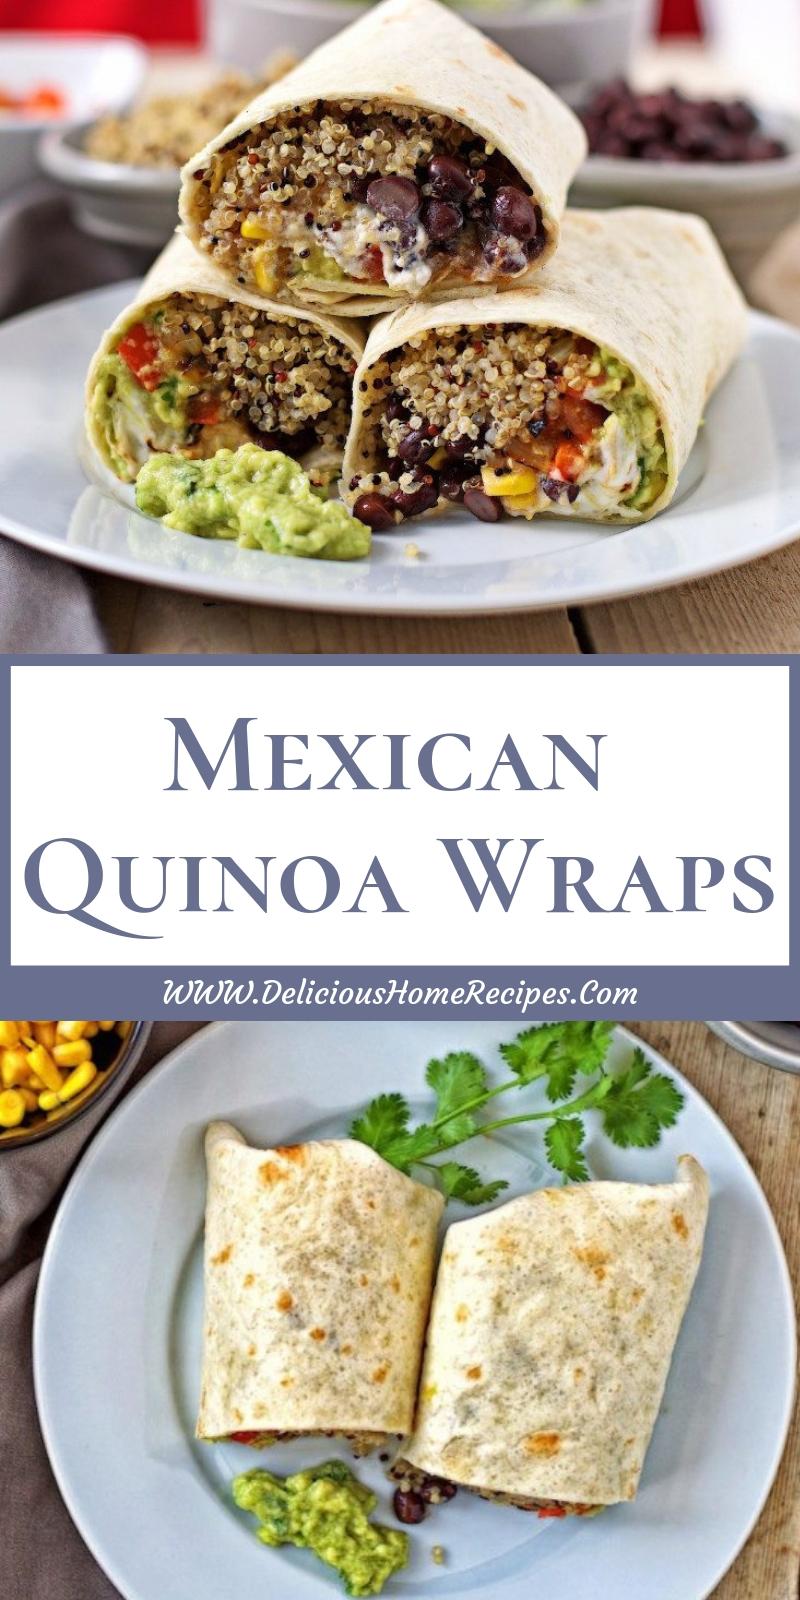 Mexican Quinoa Wraps